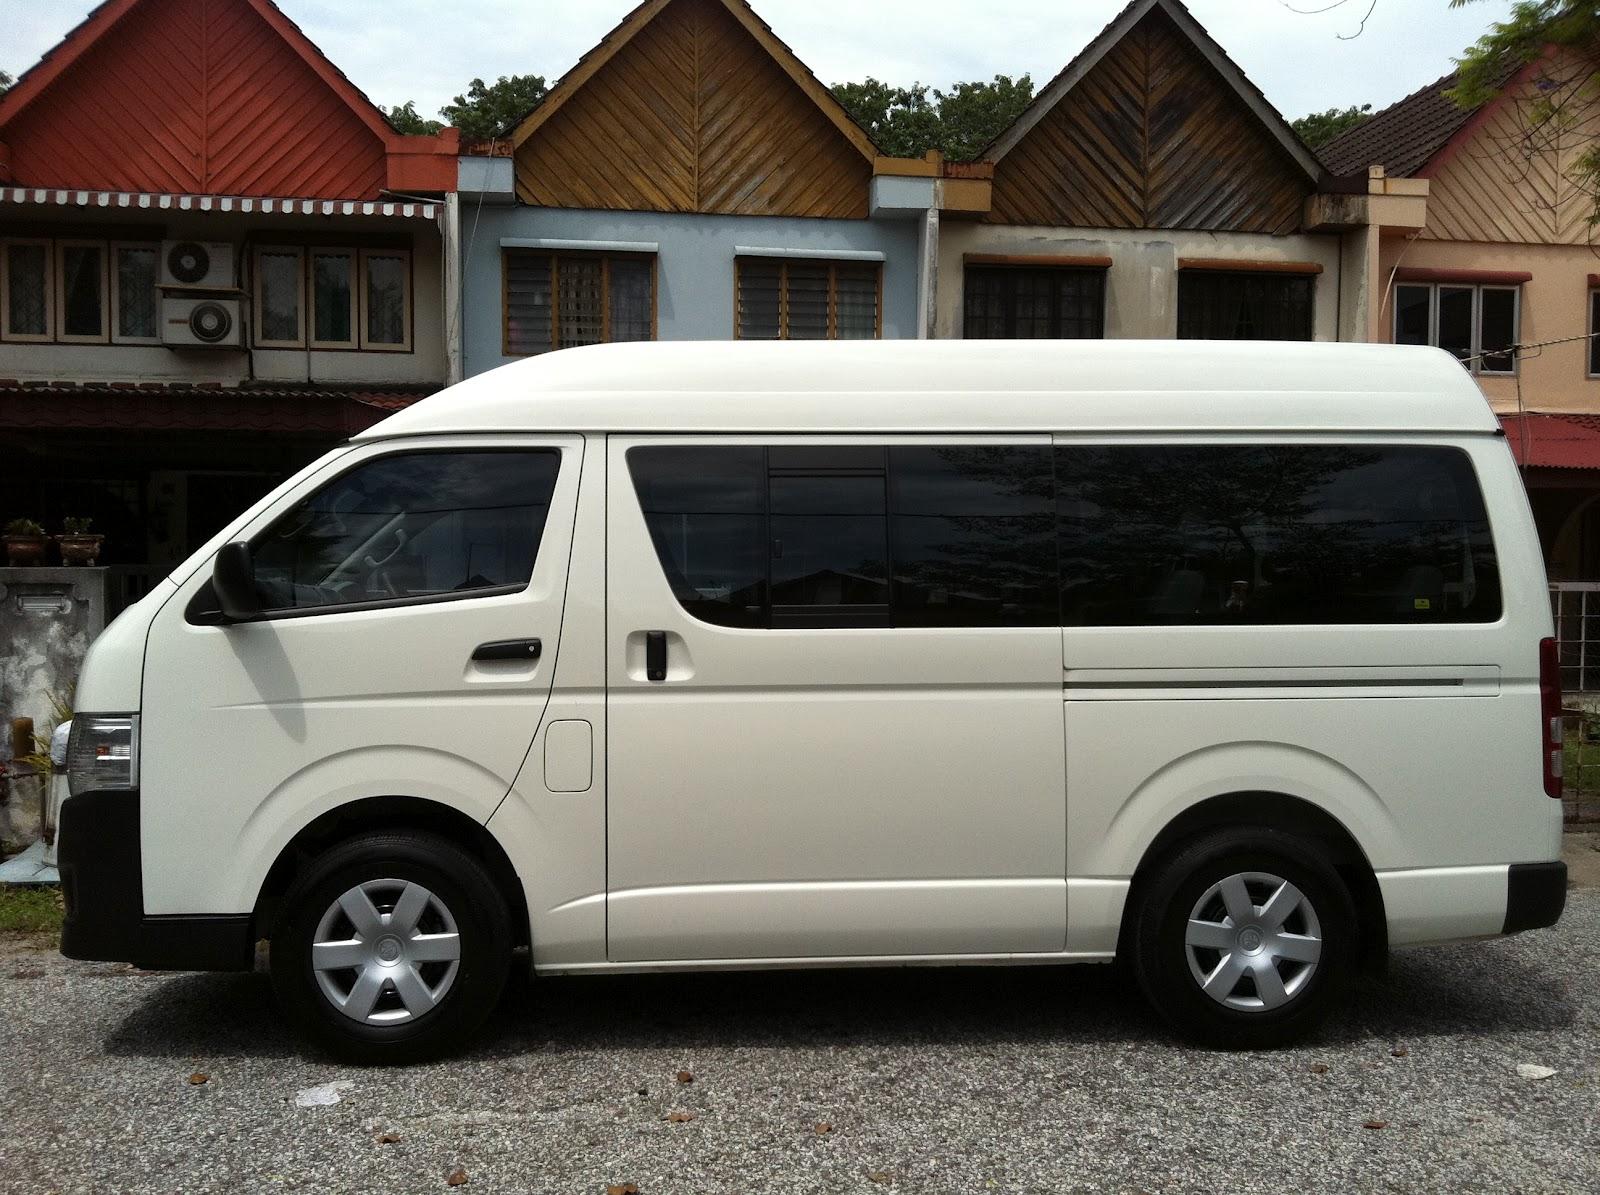 Kereta Sewa Shah Alam Selangor (Car Mpv Van Rental): Van & Harga Sewa